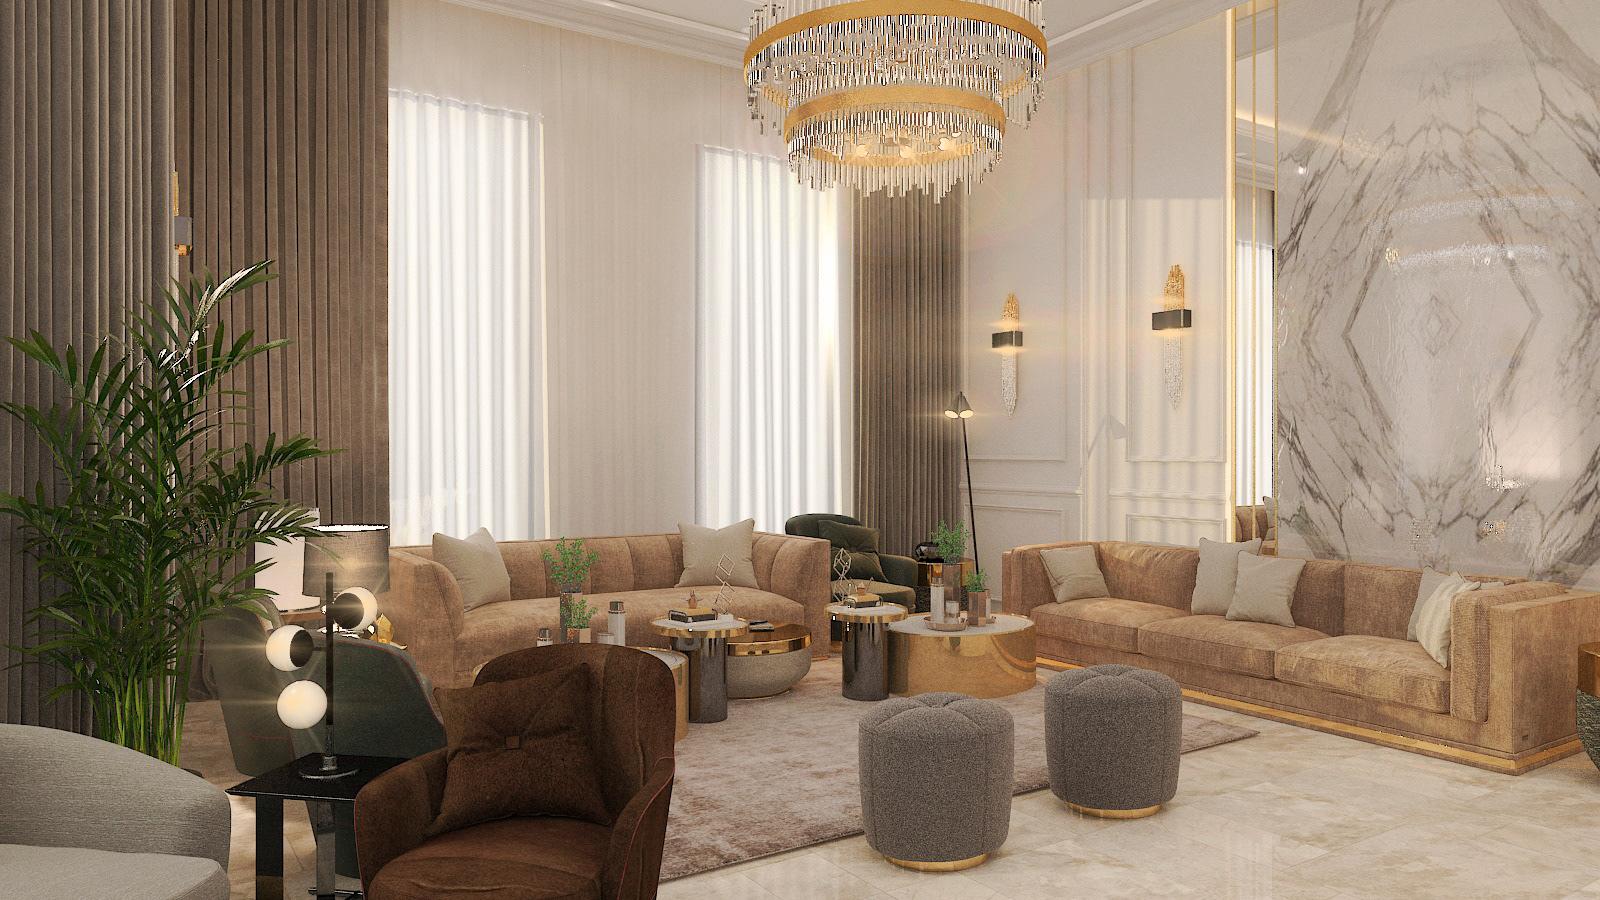 Interior Design,Product Design